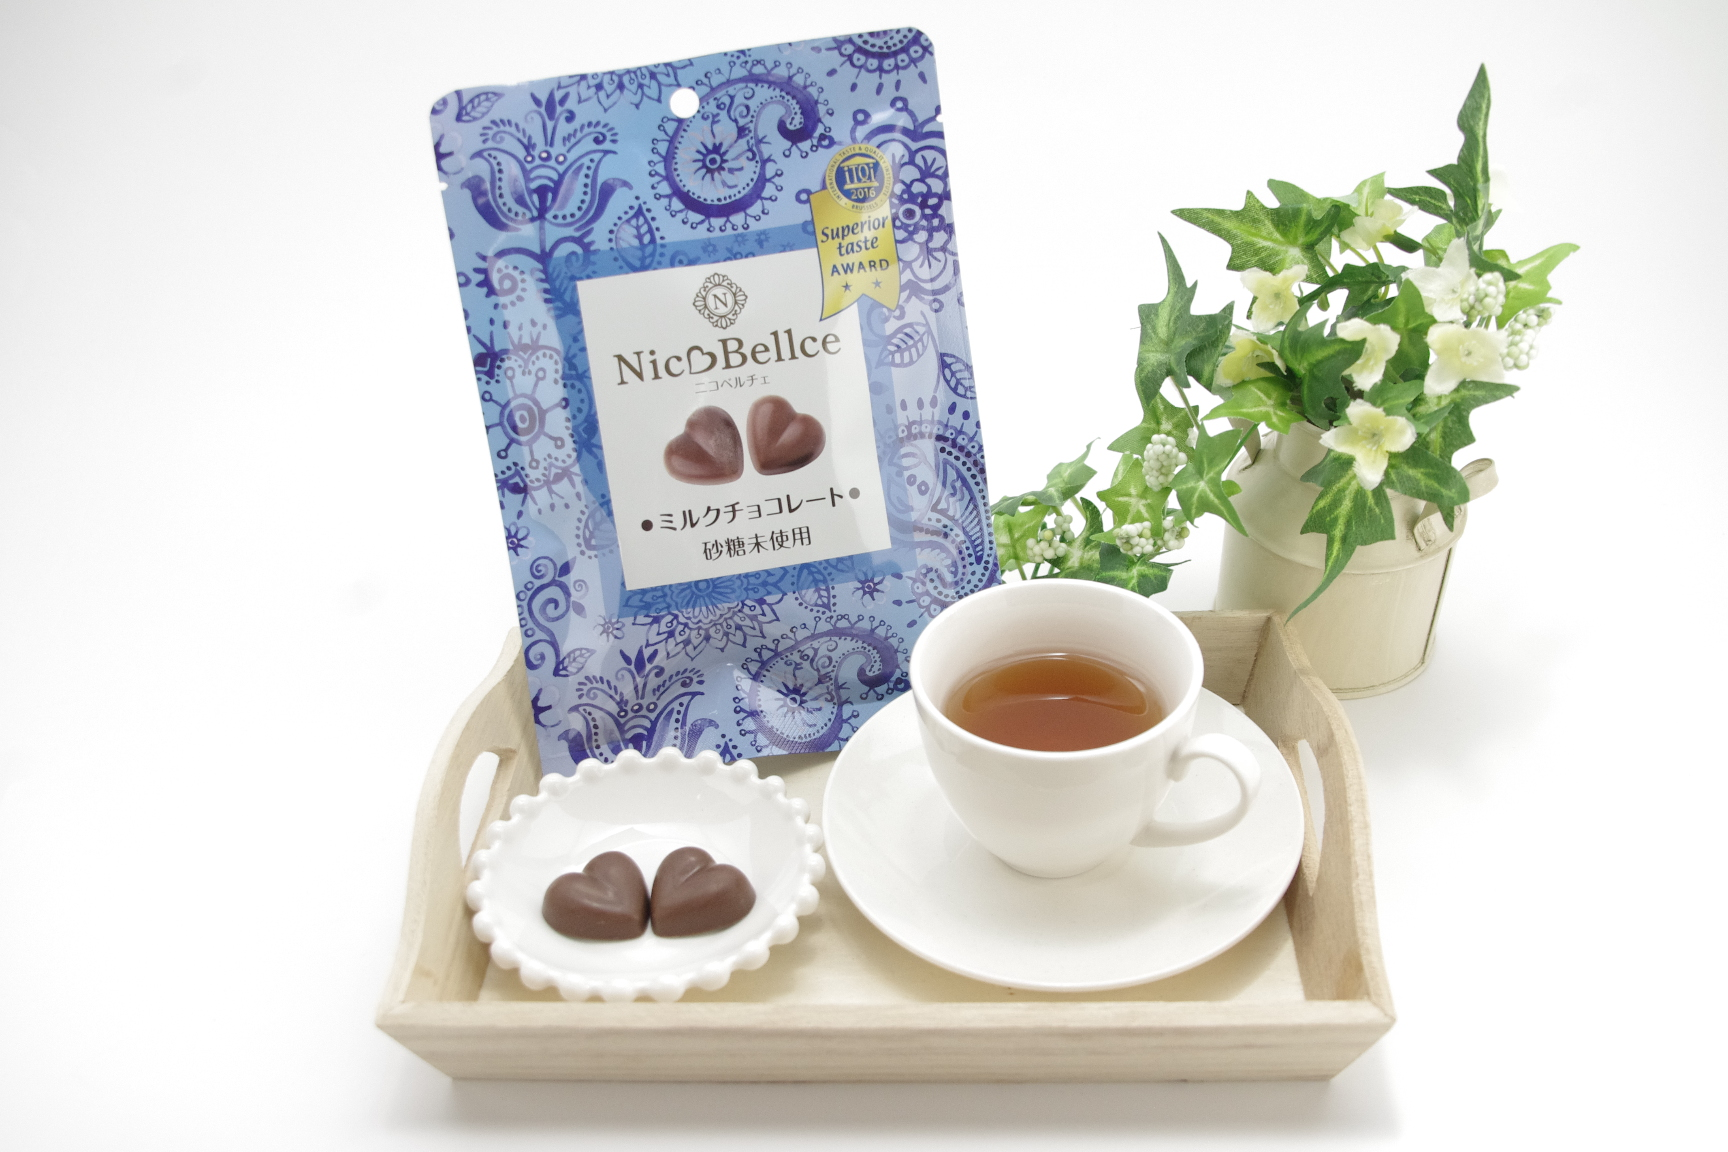 ★受付終了★【砂糖未使用ニコベルチェ】ミルクチョコレート